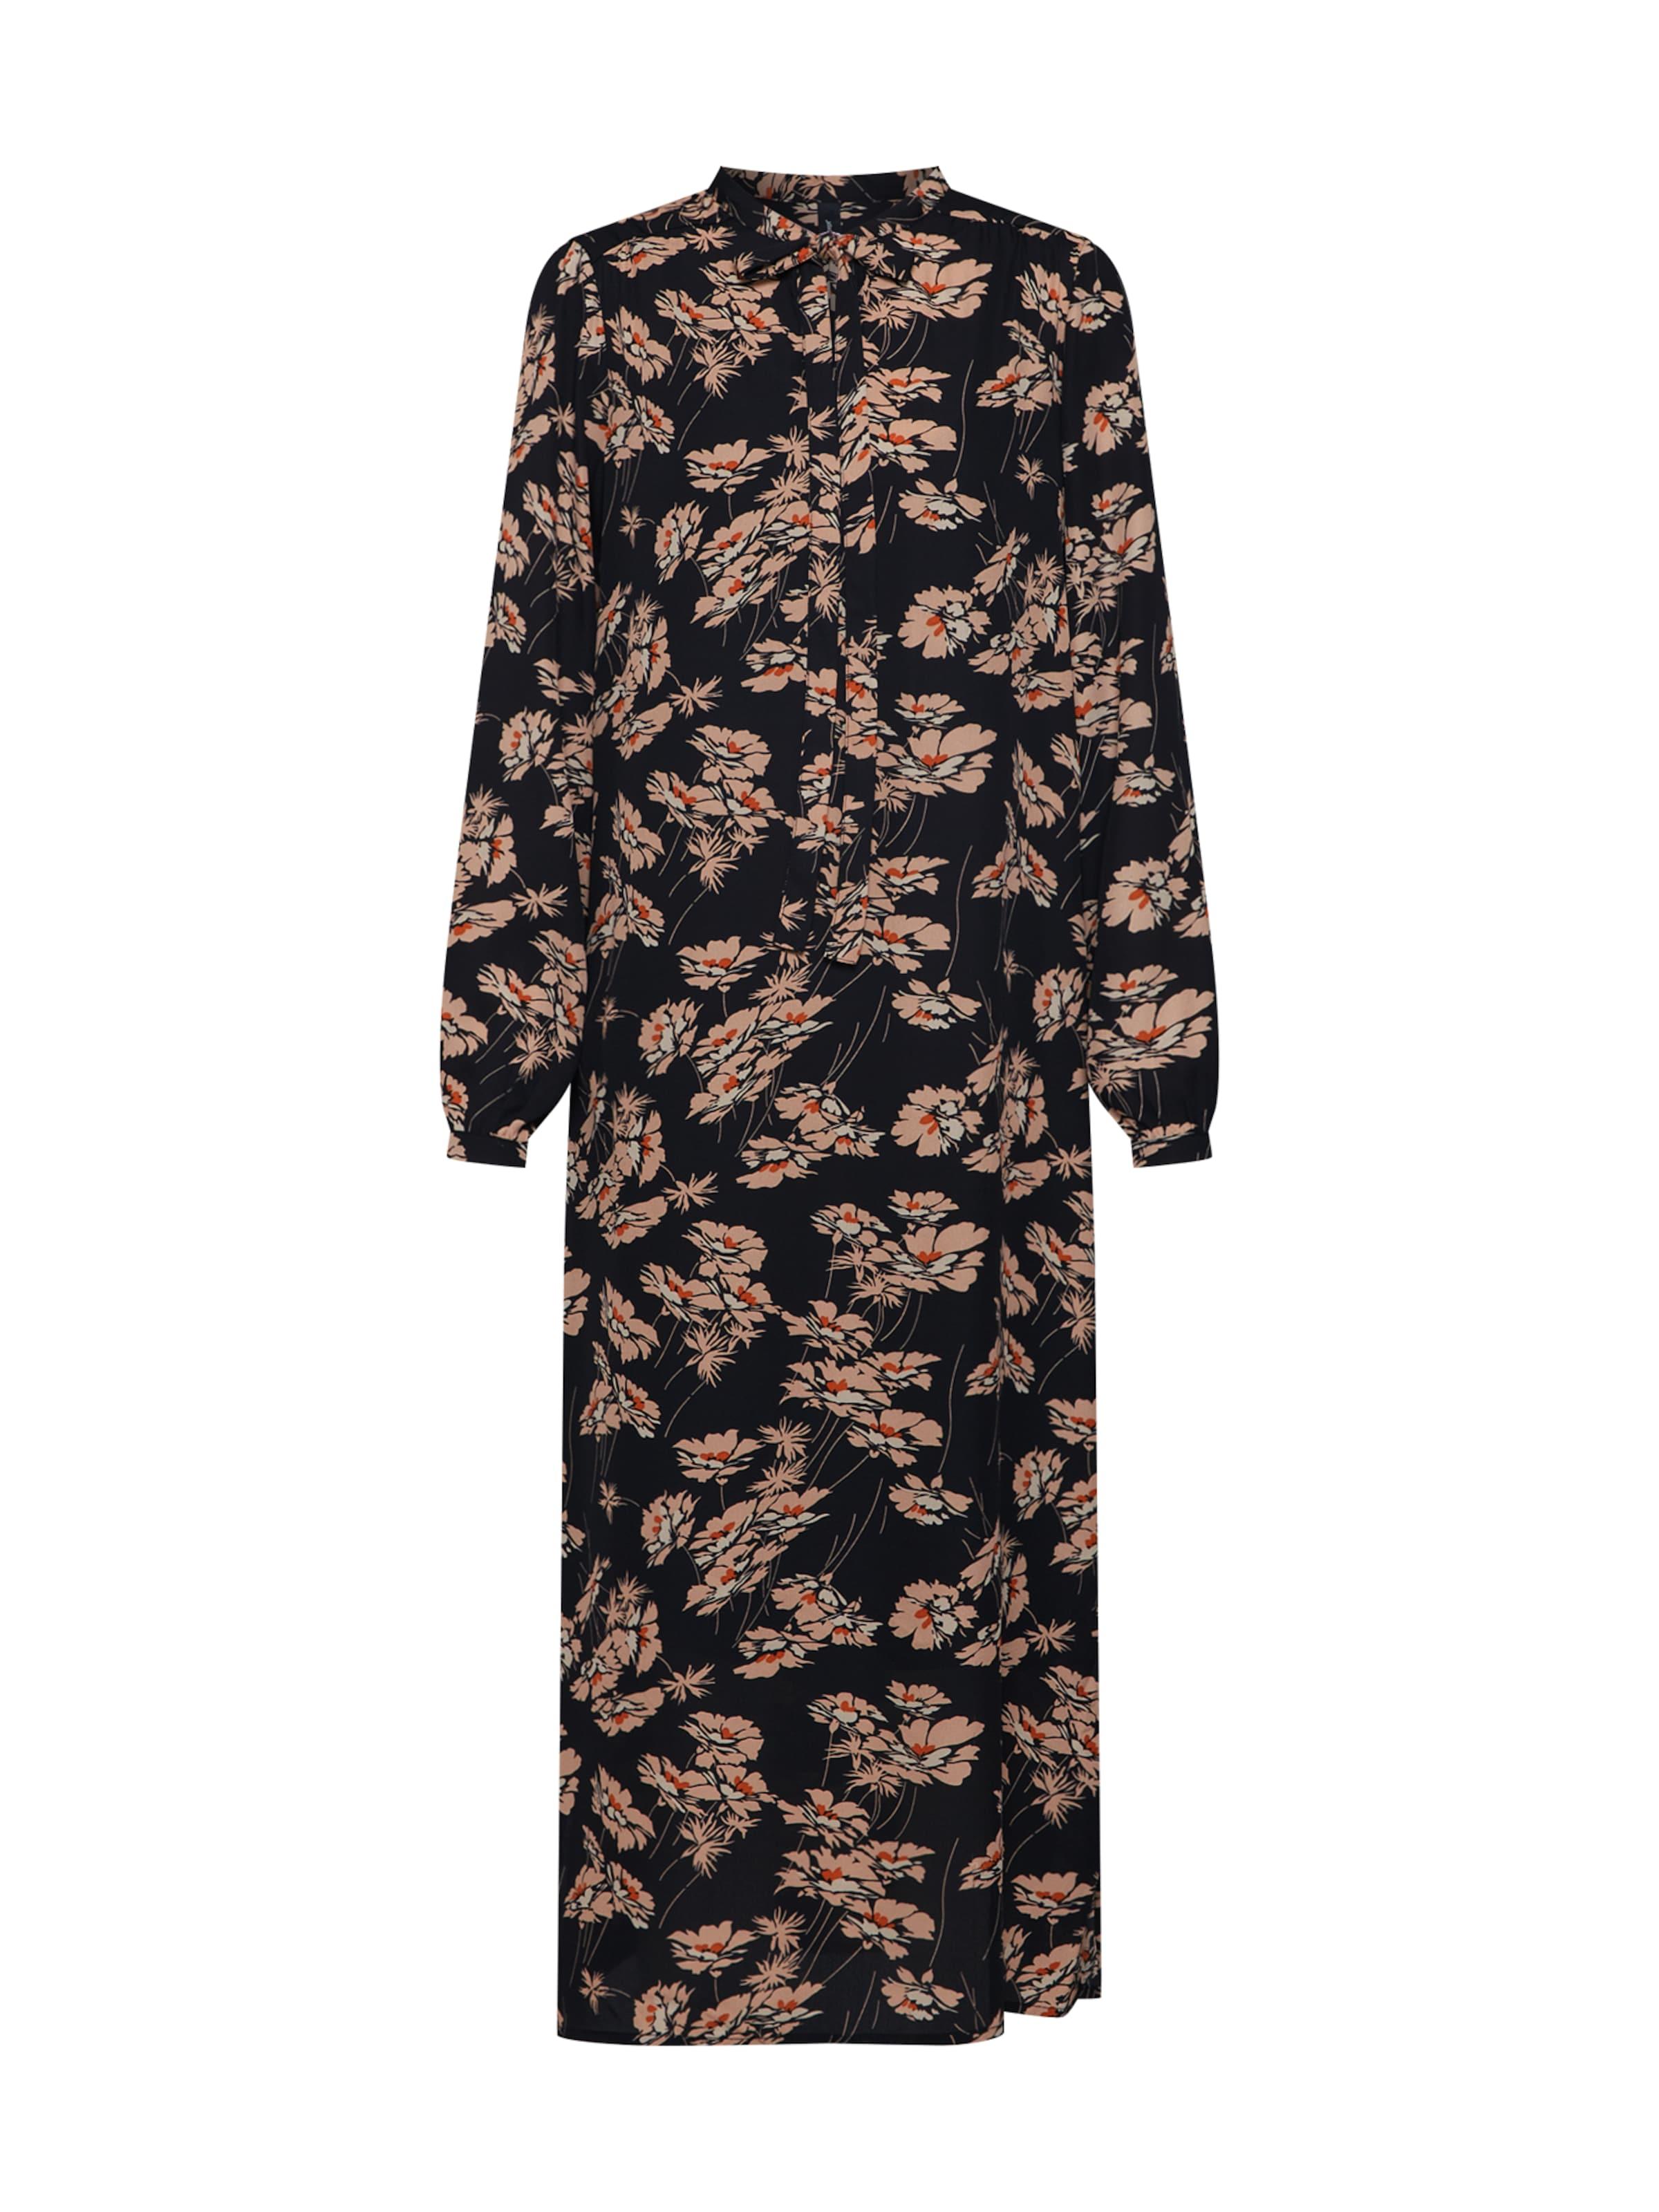 En Robe Noir D'été 2' Soyaconcept 'pakize rCsQdth